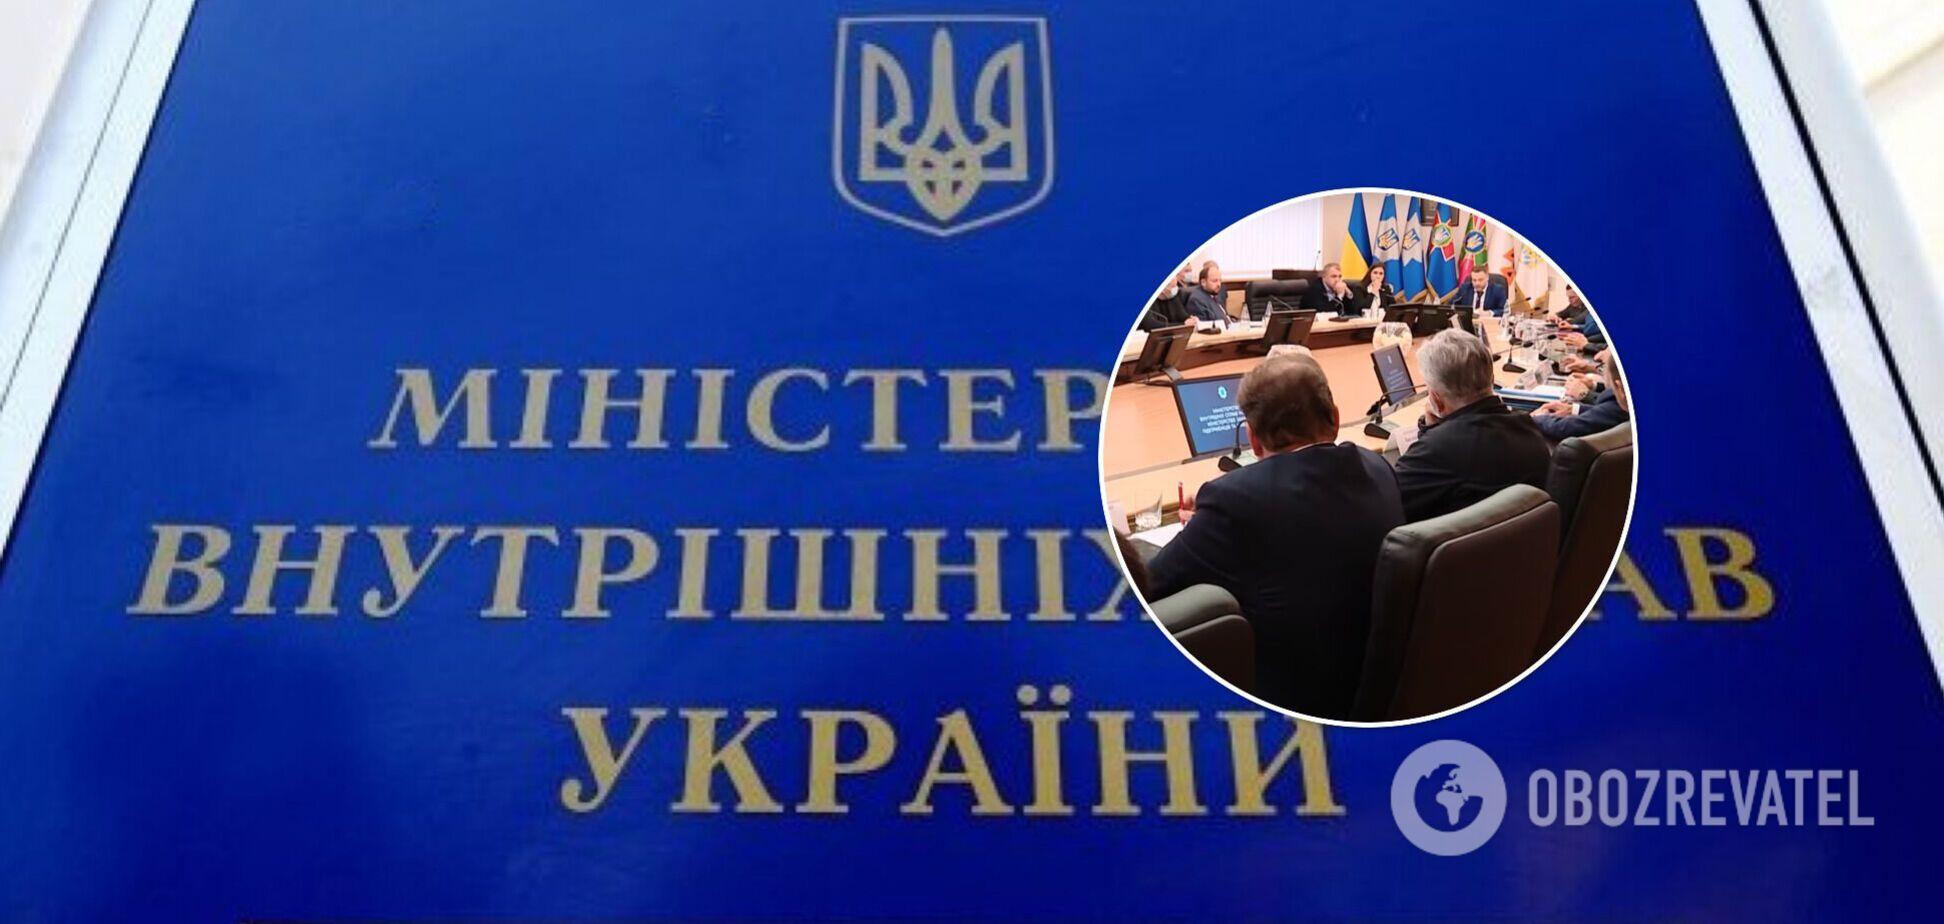 МВС – про принципи роботи Офісу із захисту бізнесу: Україна стане захищеною і привабливою для інвесторів